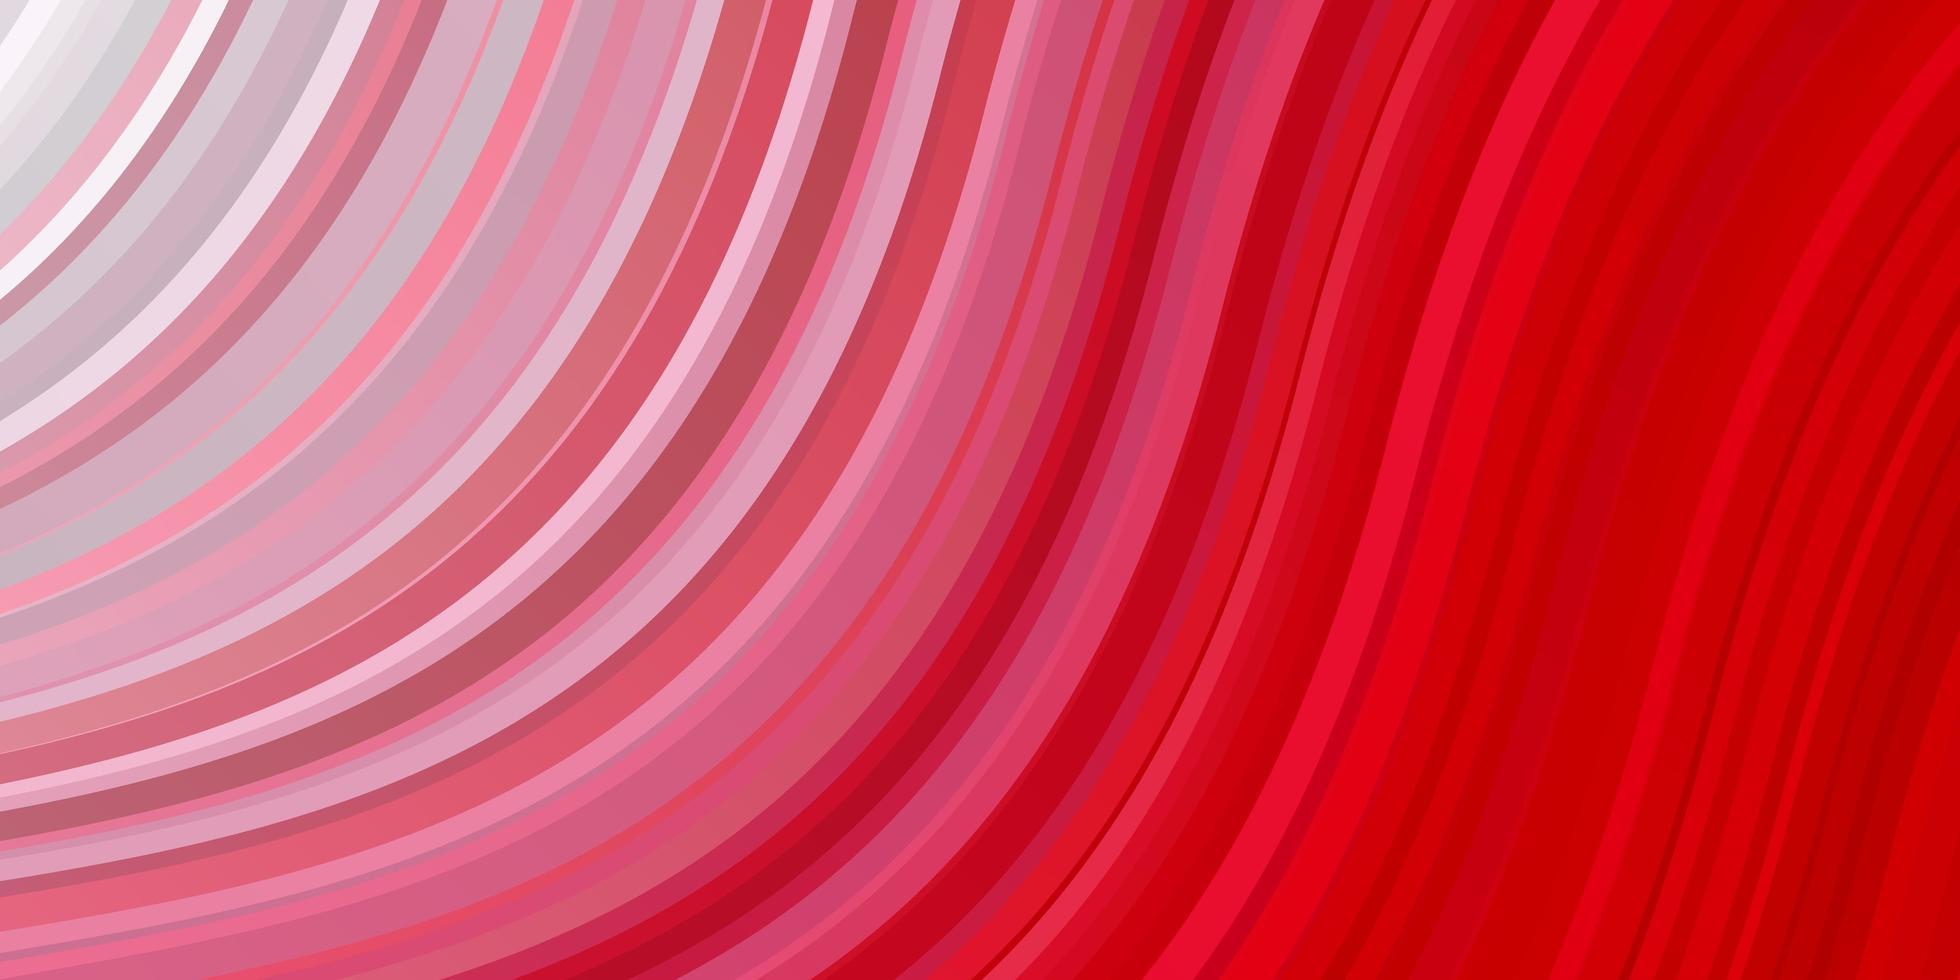 ljusröd vektormall med sneda linjer. vektor